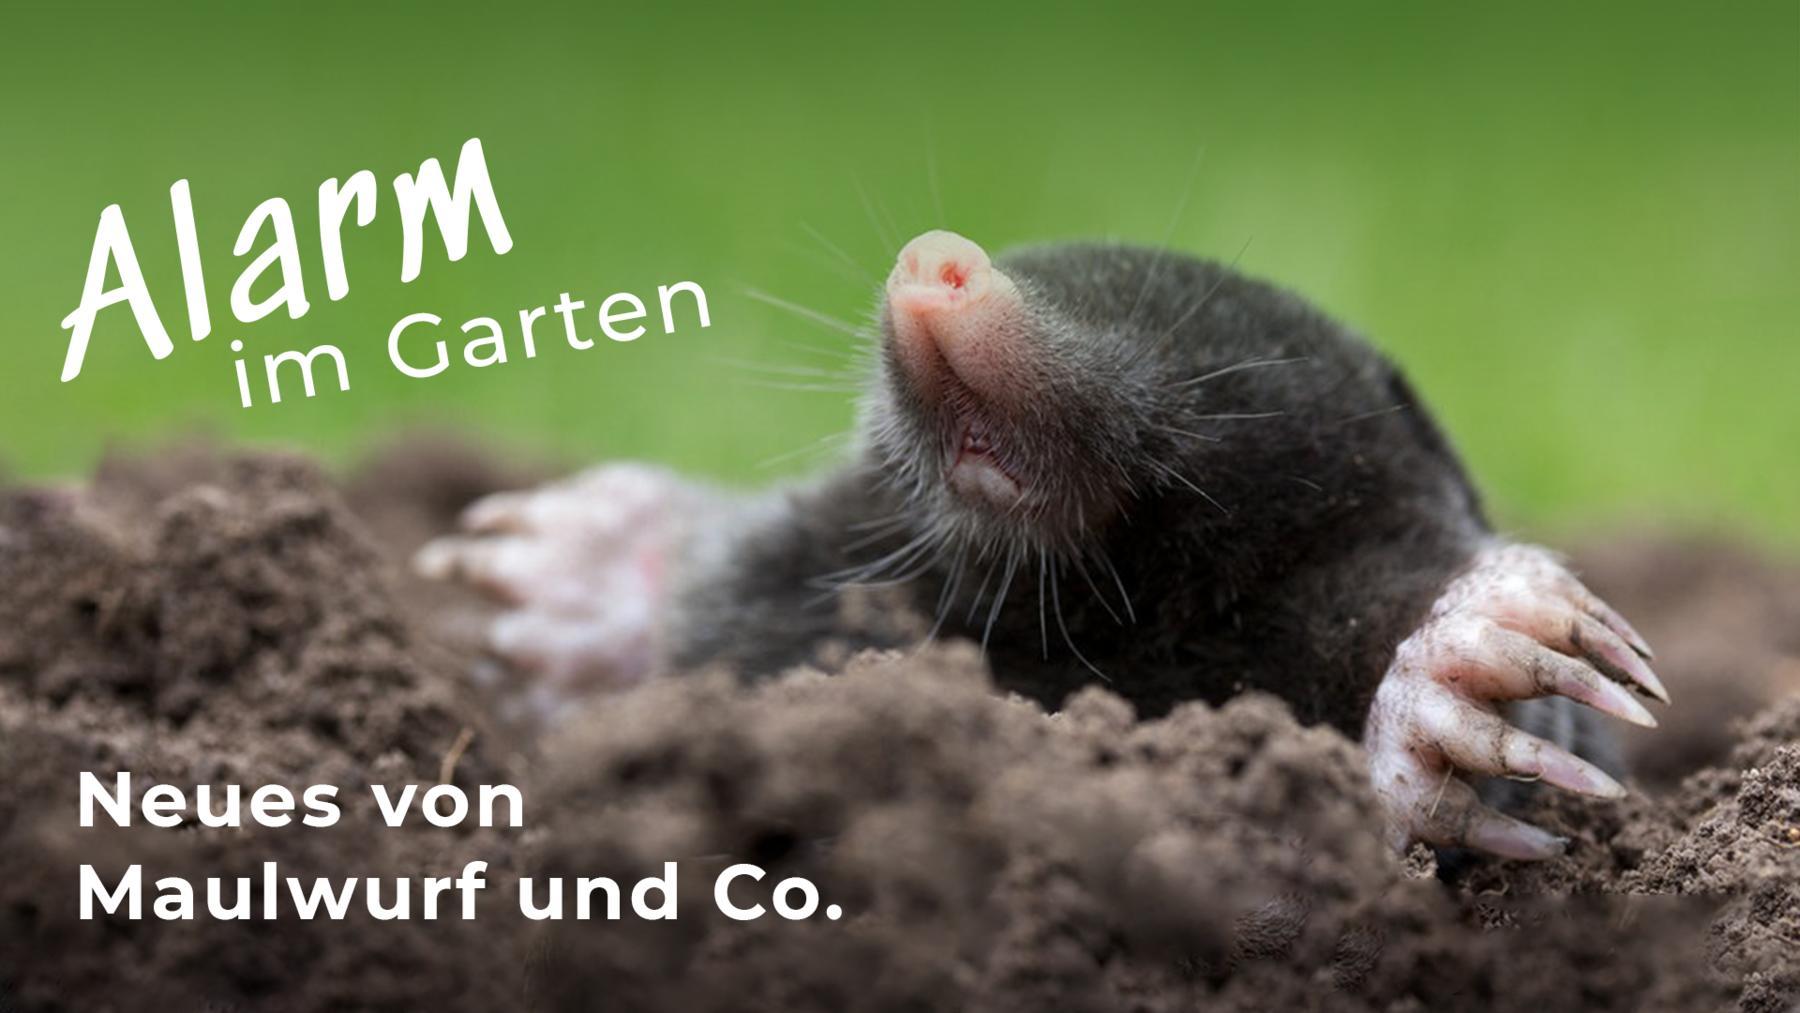 Alarm im Garten - Neues von Maulwurf und Co.